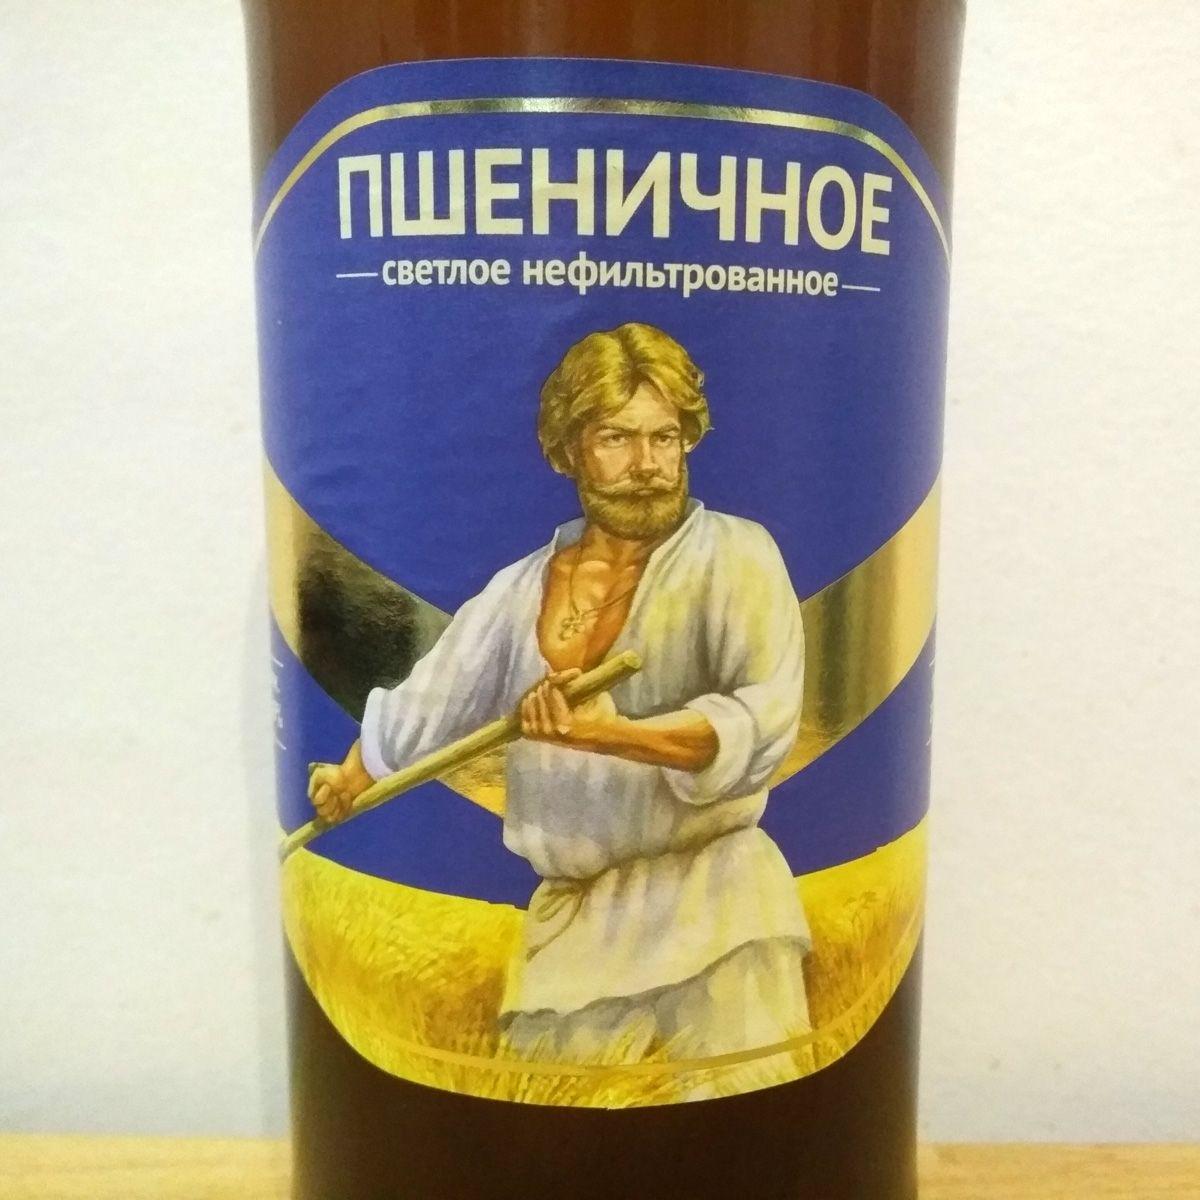 Светлое пиво Артель Пшеничное нефильтрованное в Воронеже логотип